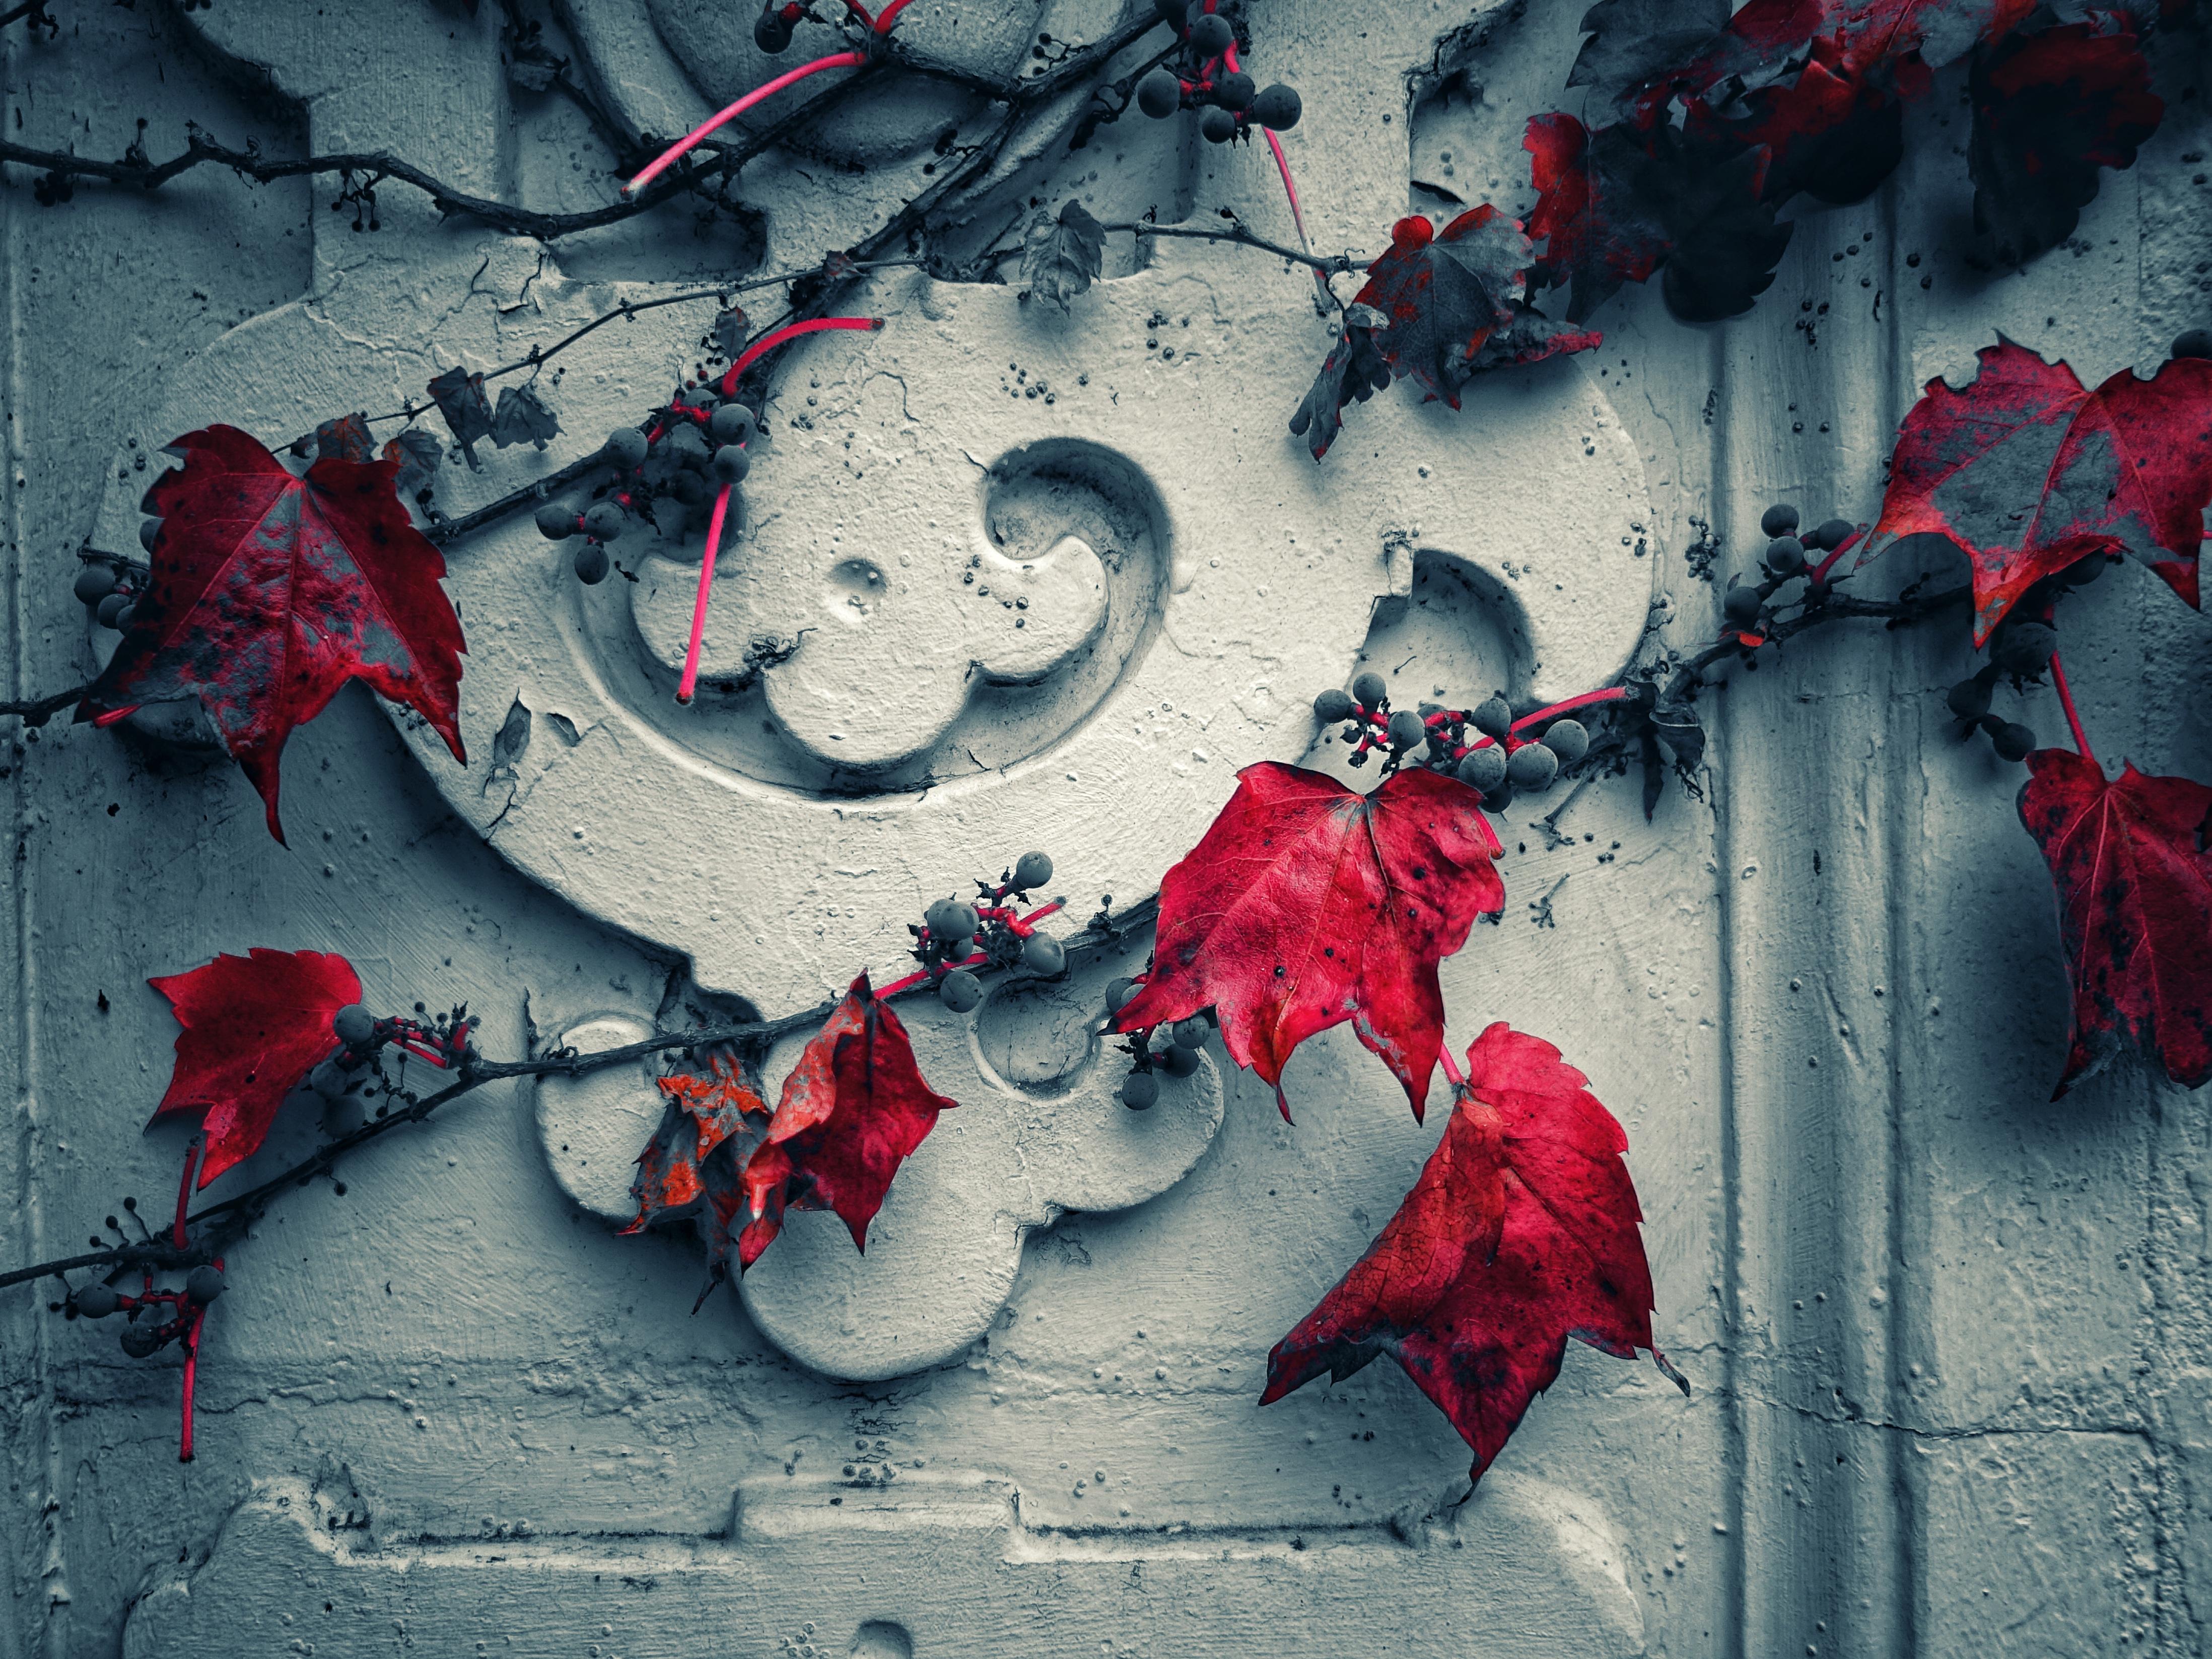 94633 Заставки и Обои Виноград на телефон. Скачать Разное, Листья, Виноград, Красный, Стена, Белый картинки бесплатно